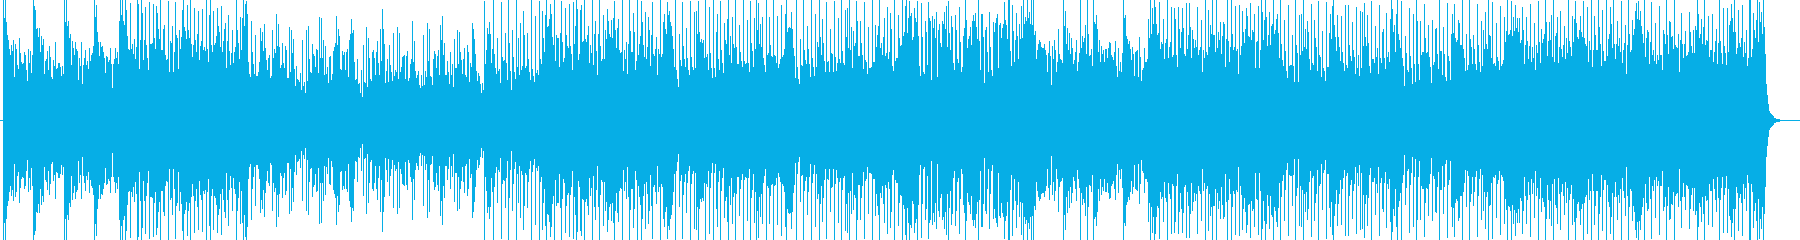 軽やかなシンセサイザー曲の再生済みの波形